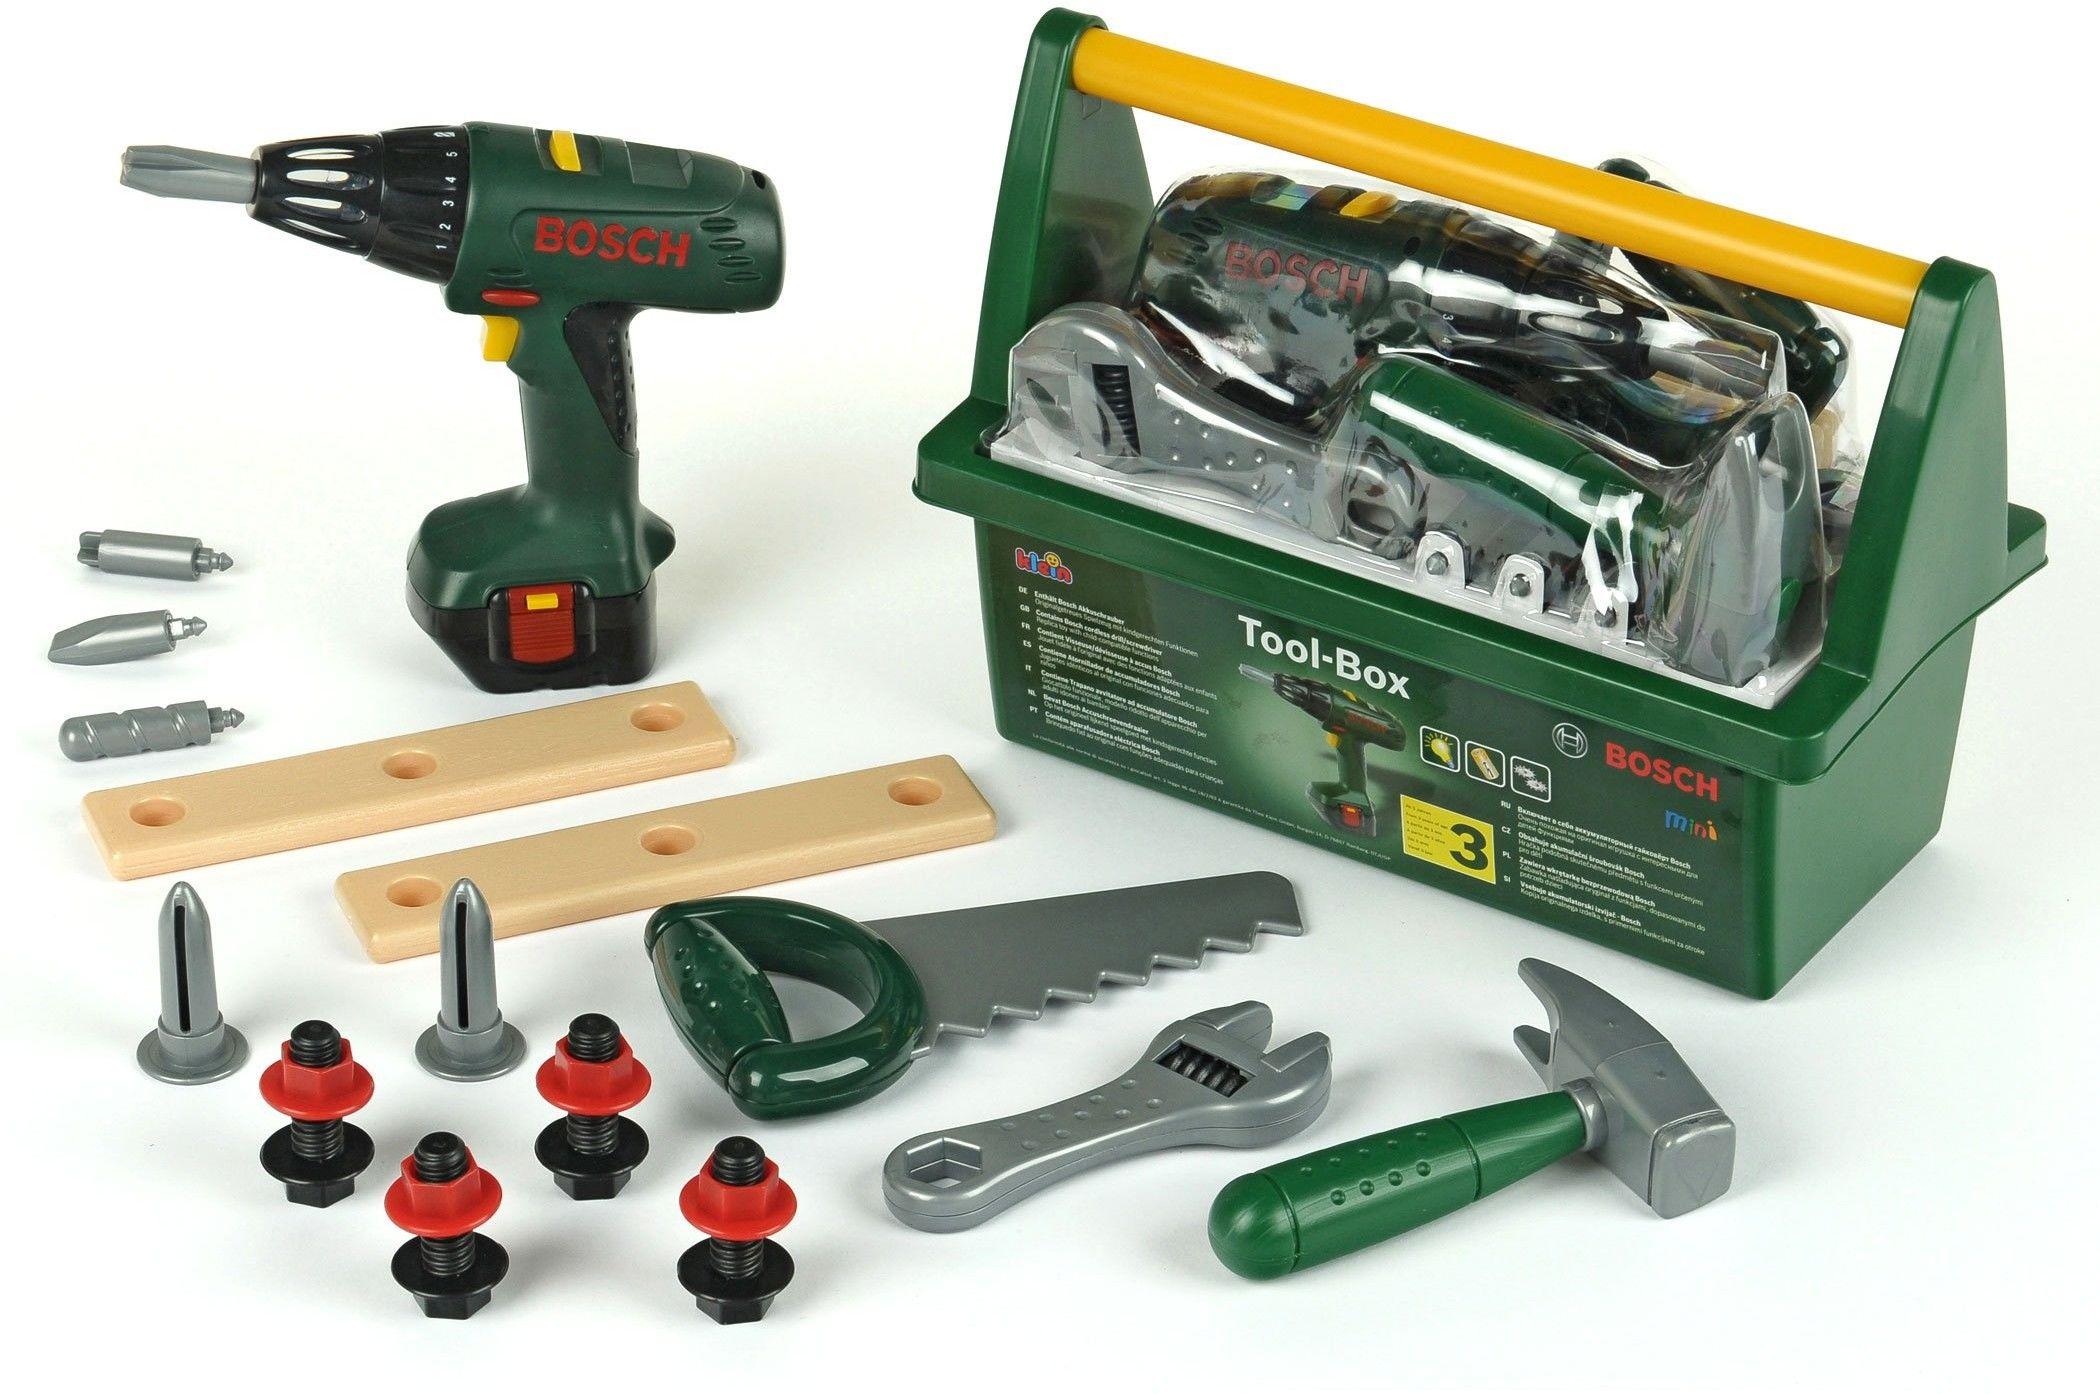 Bosch skrzynka z wkrętarką i narzędziami Klein